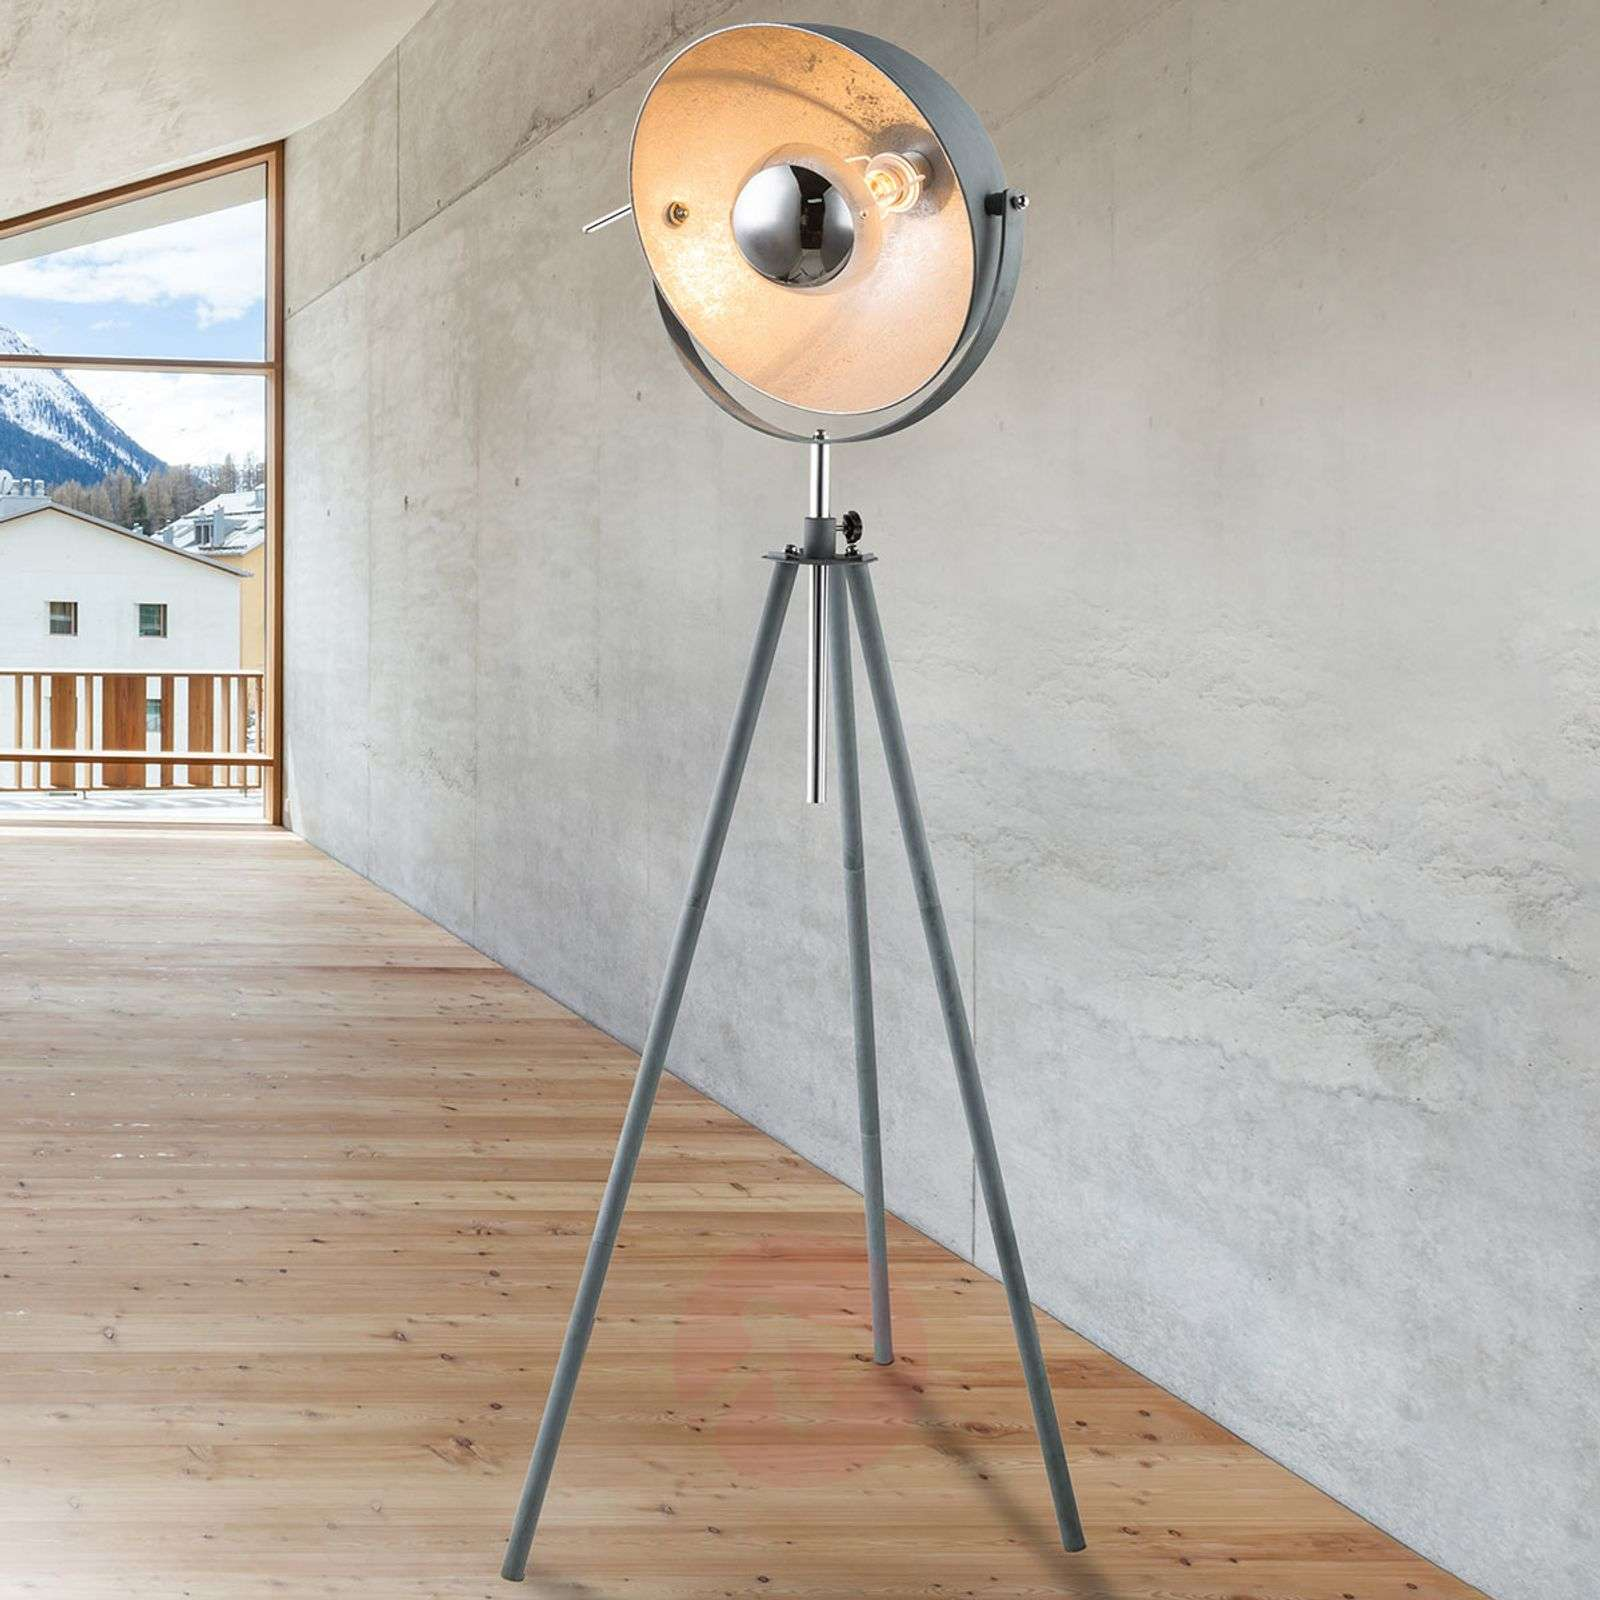 Kolmijalkainen lattiavalaisin Miriam, betonityyli-4015069-01